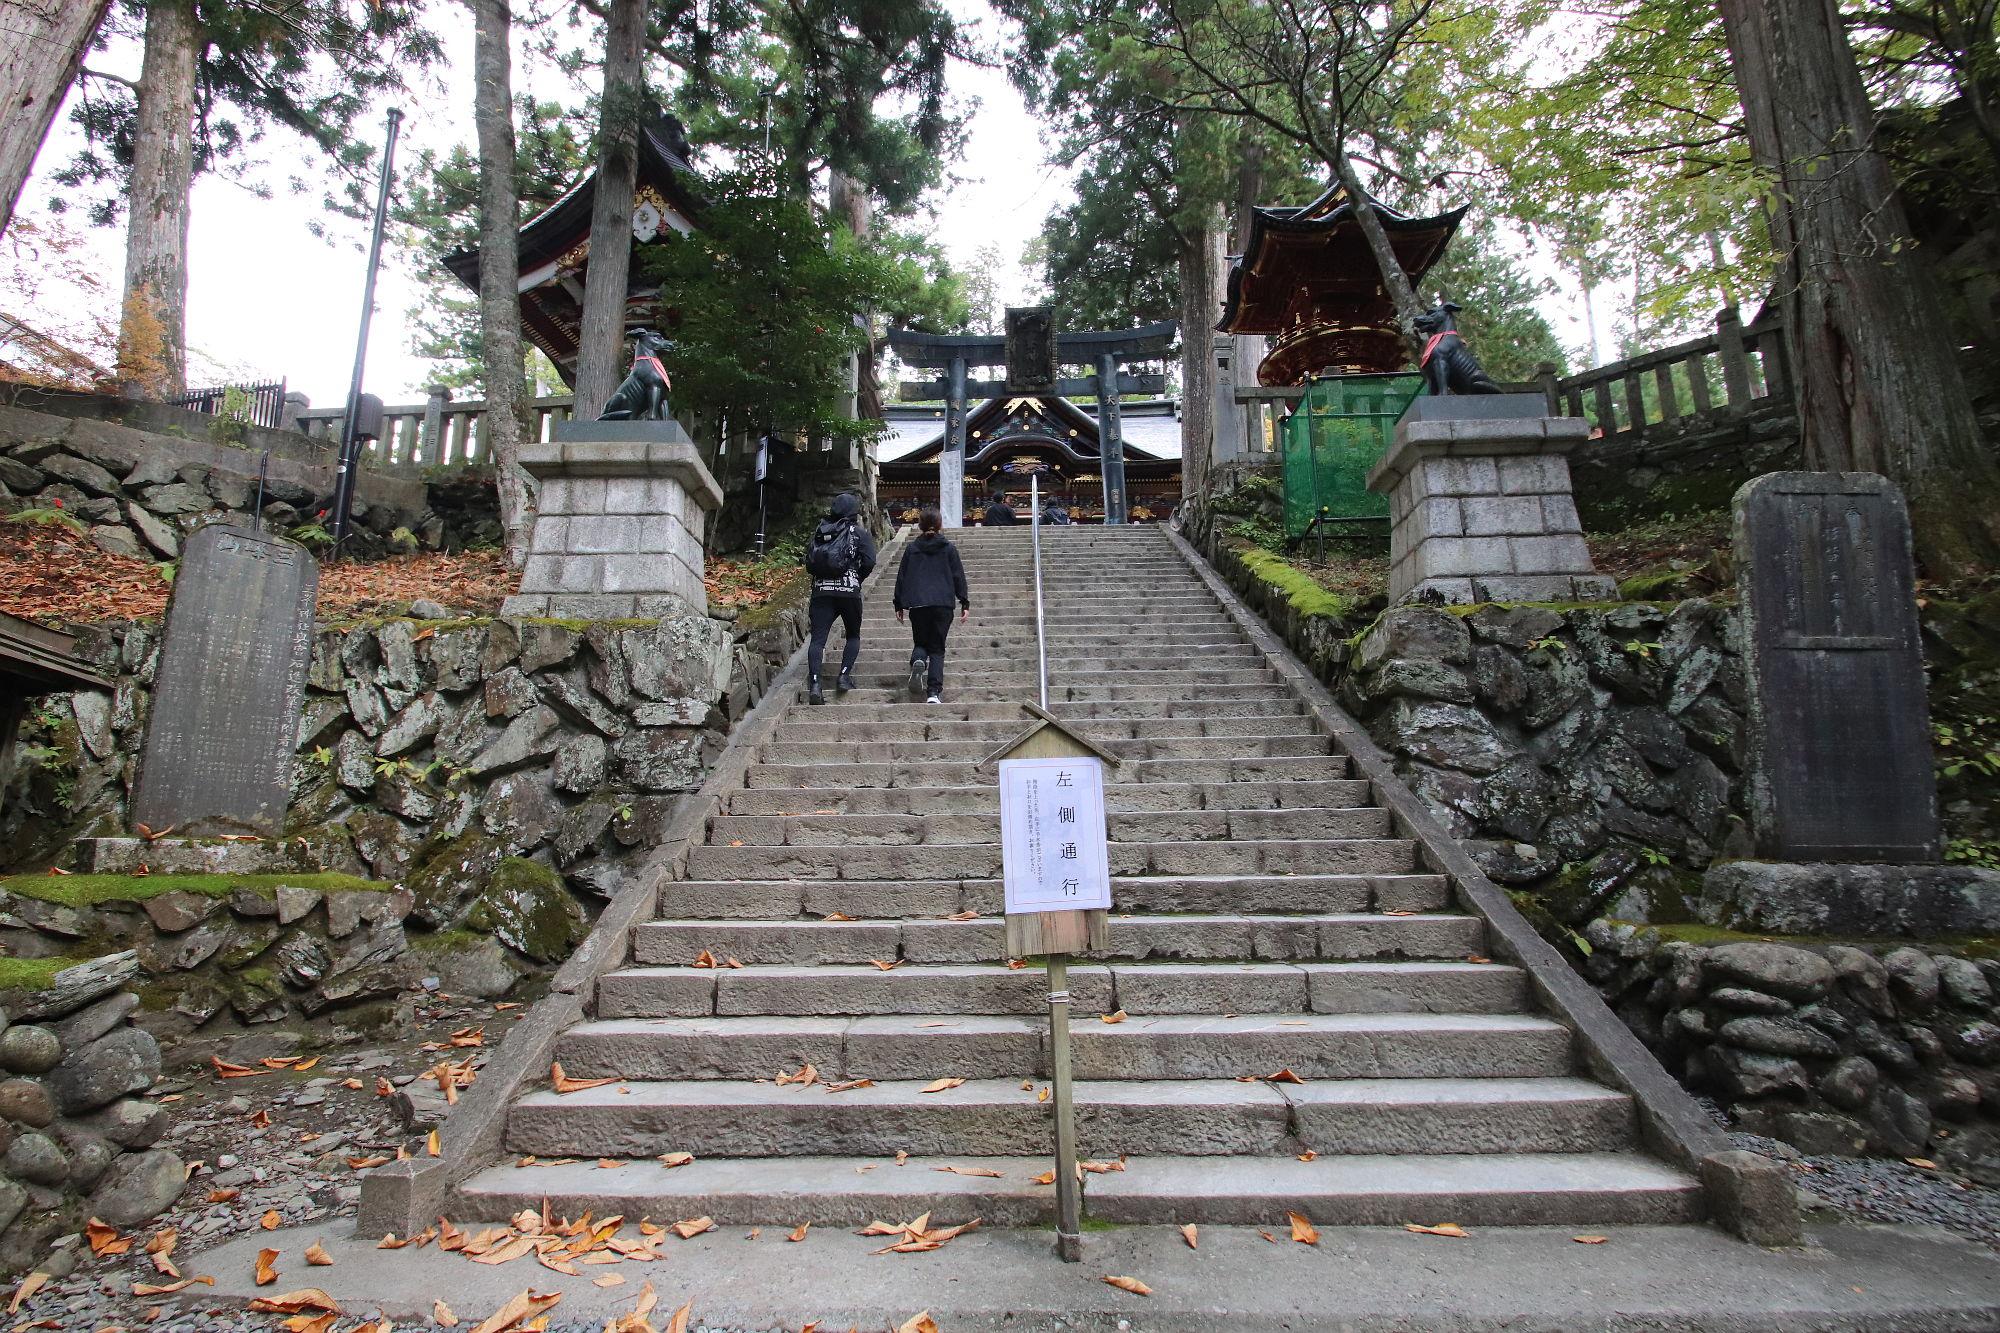 三峰神社 拝殿前の階段